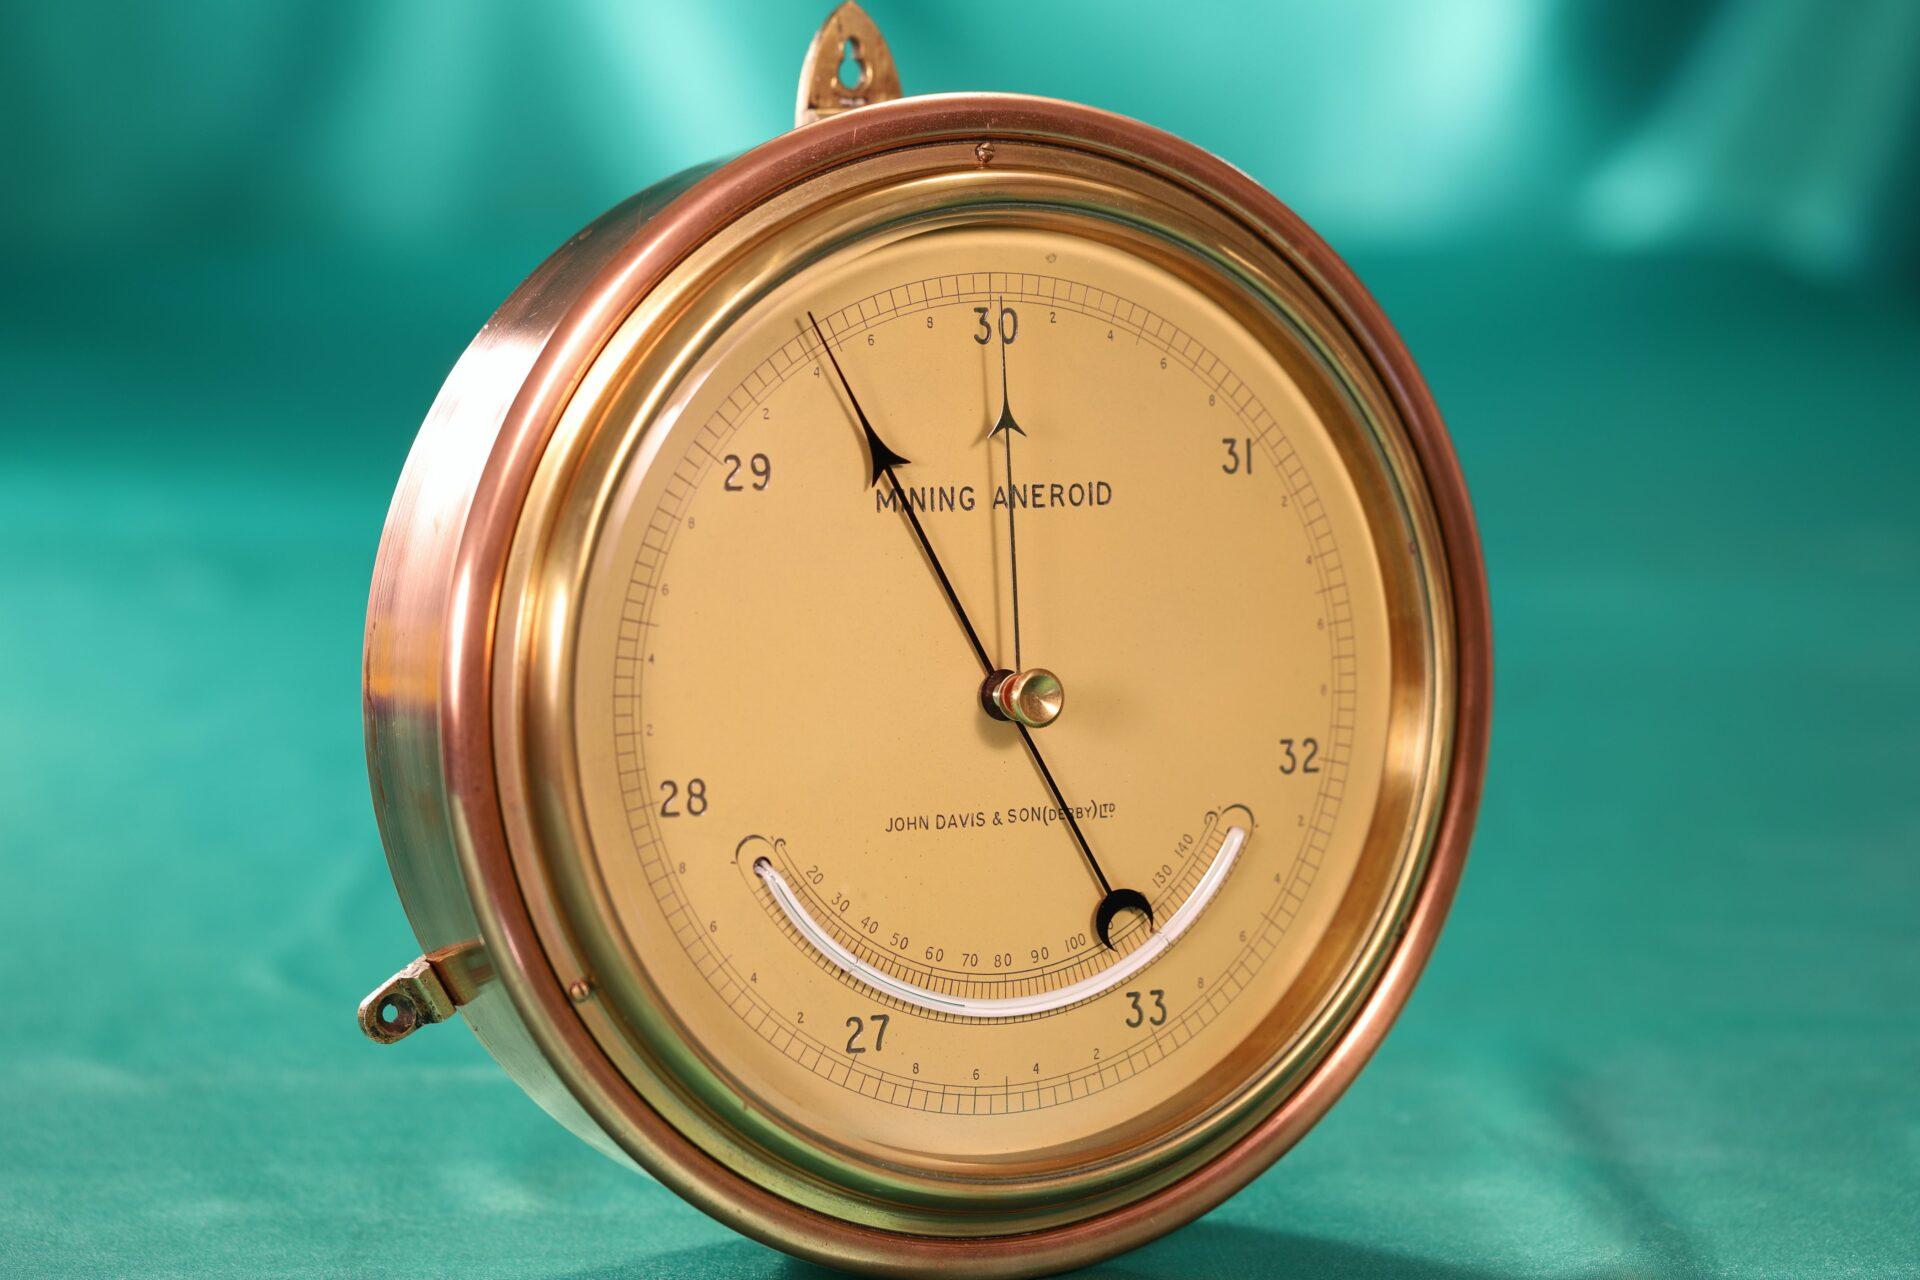 Image of Negretti & Zambra Mining Barometer for John Davis & Son taken from lefthand side